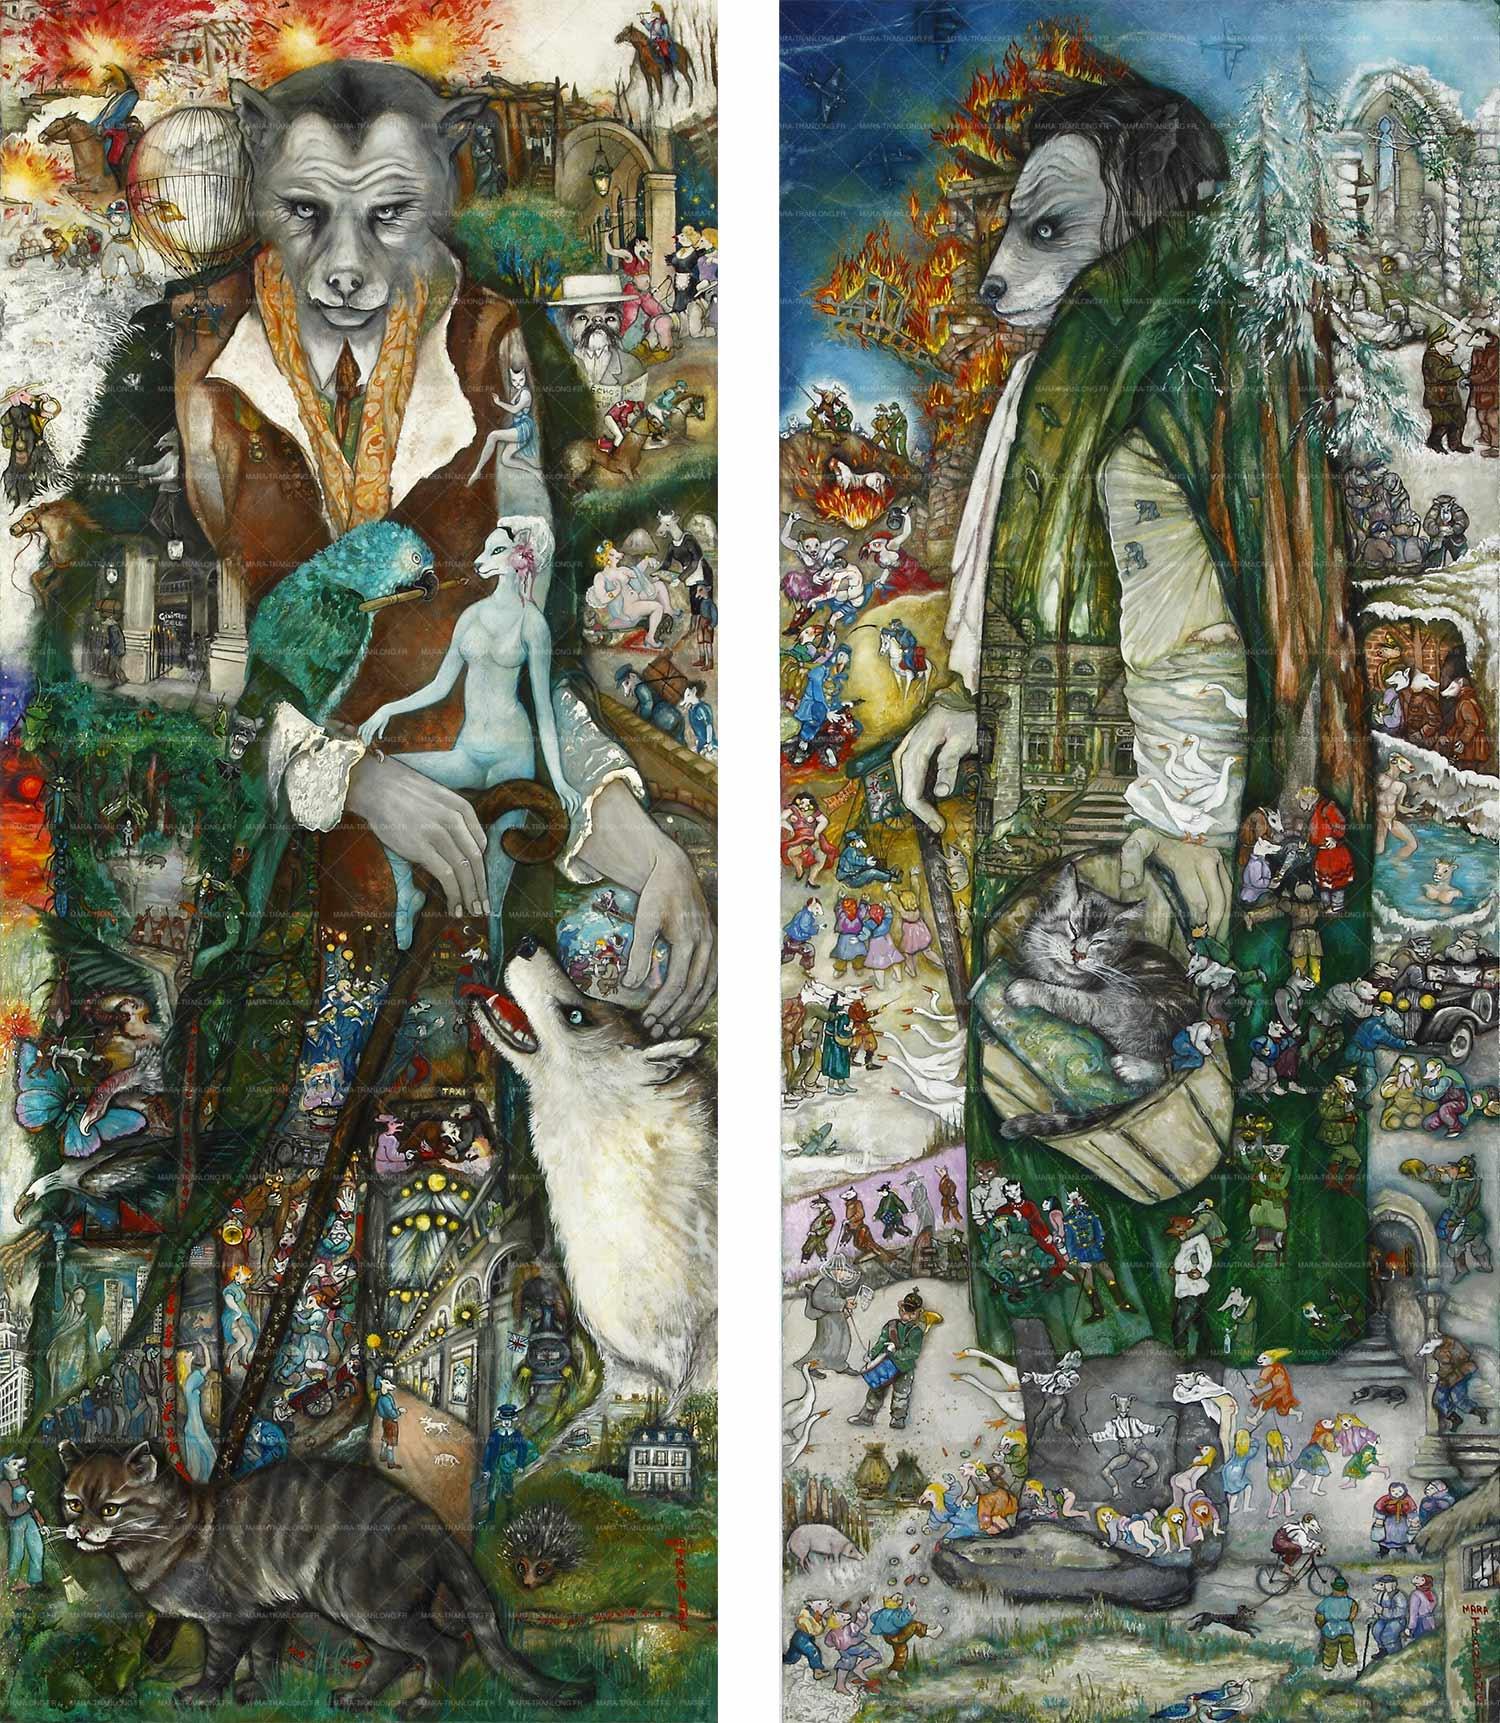 """Mara Tranlong - Collection """"Mon homage à Céline"""" - Titre : Le long voyage et Nord - Acrylique sur bois 50 cm x 120 cm - Année 2010 - 2013"""